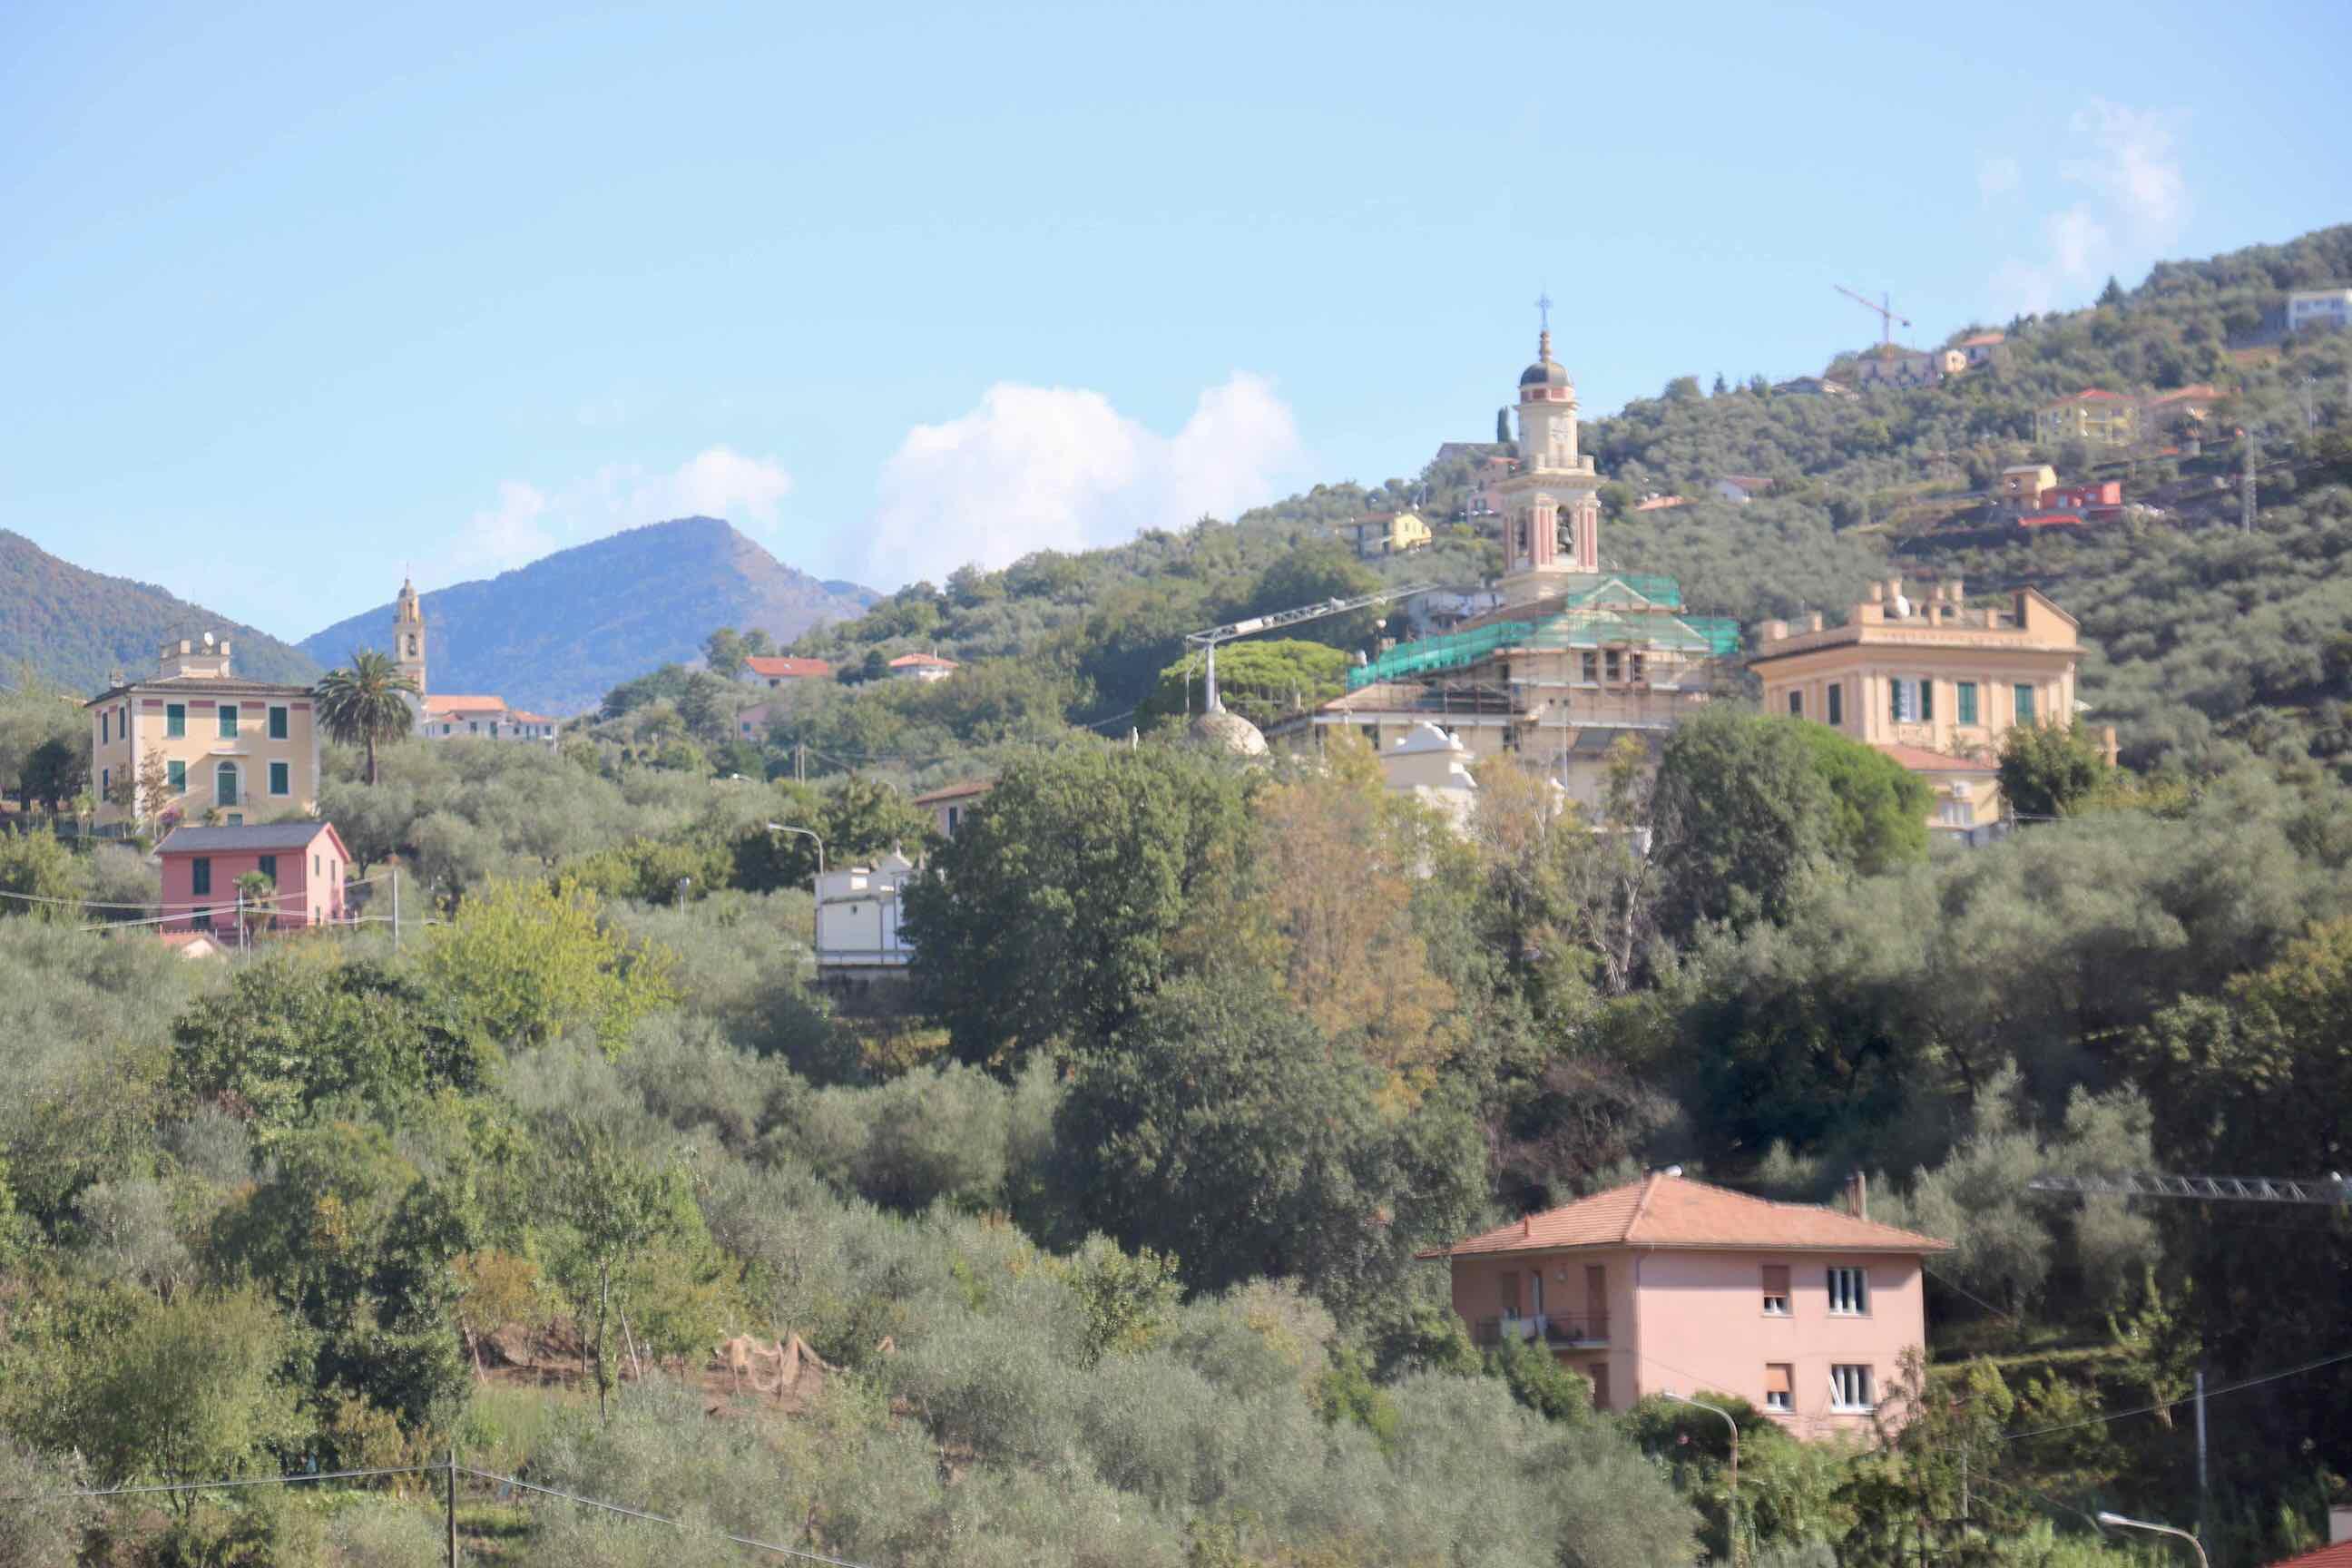 Casa per Ferie Villaggio Ospitale - Centro San Salvatore Villaggio del Ragazzo - 15